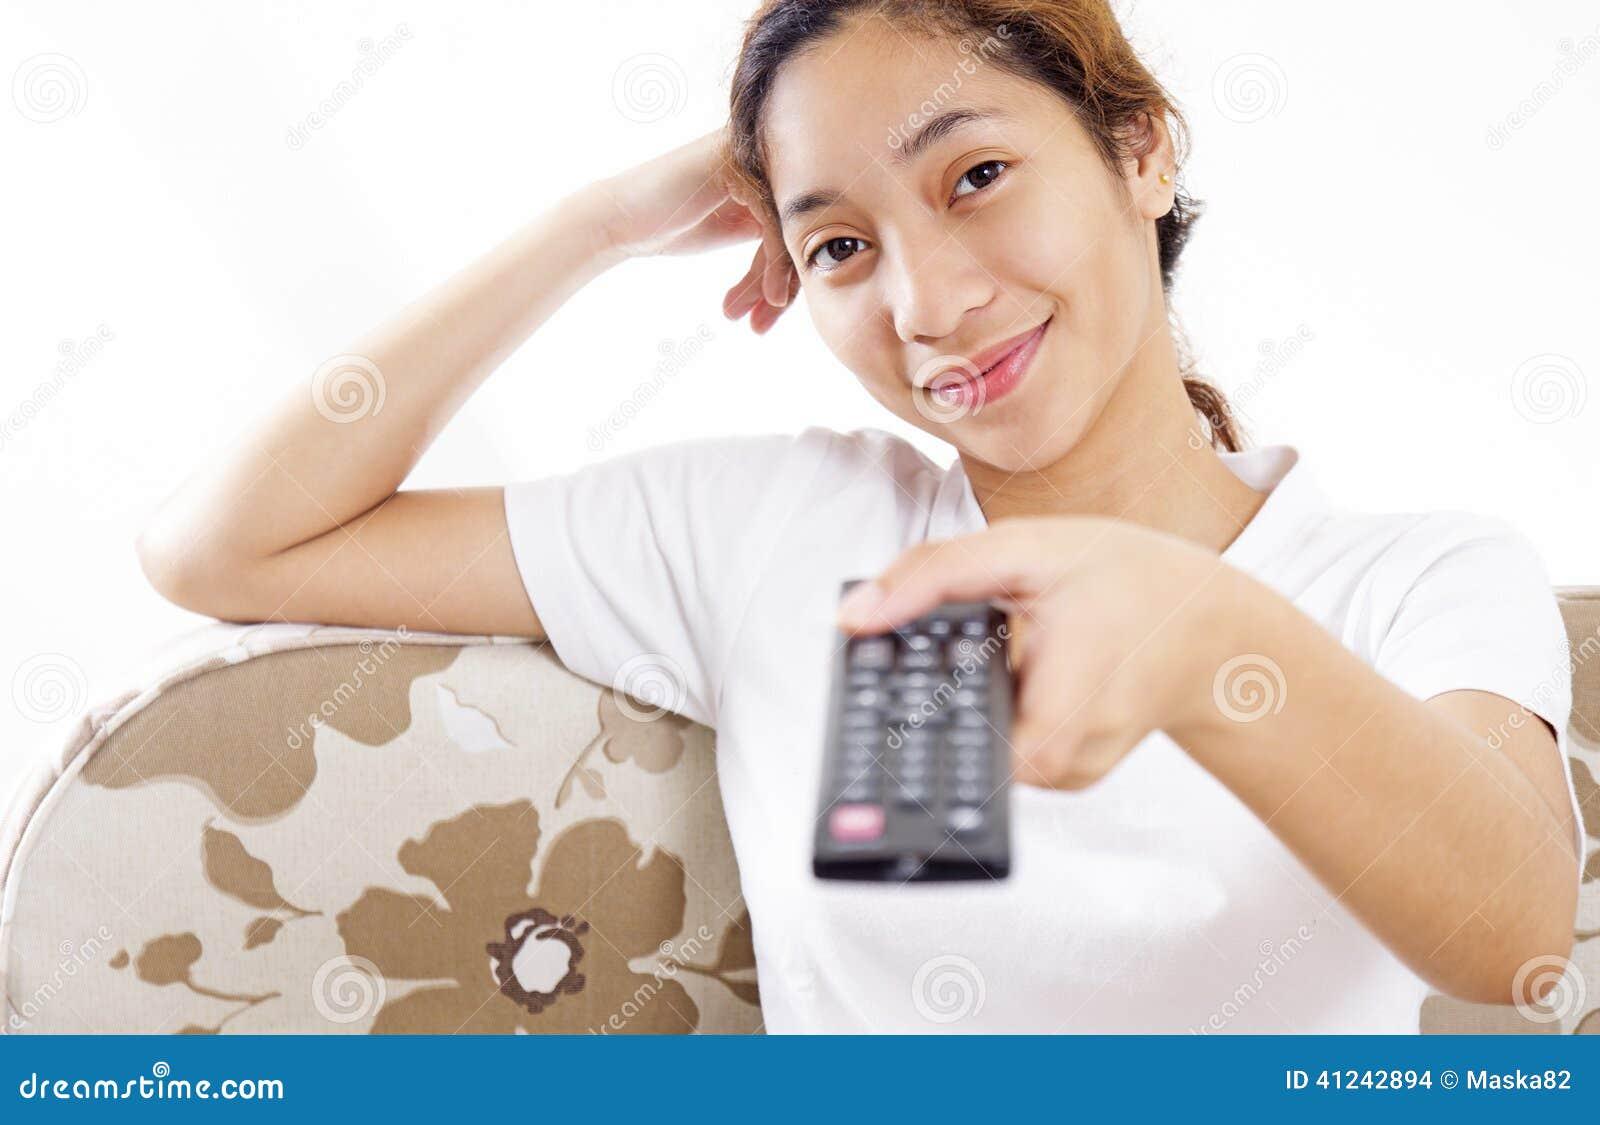 女孩和电视